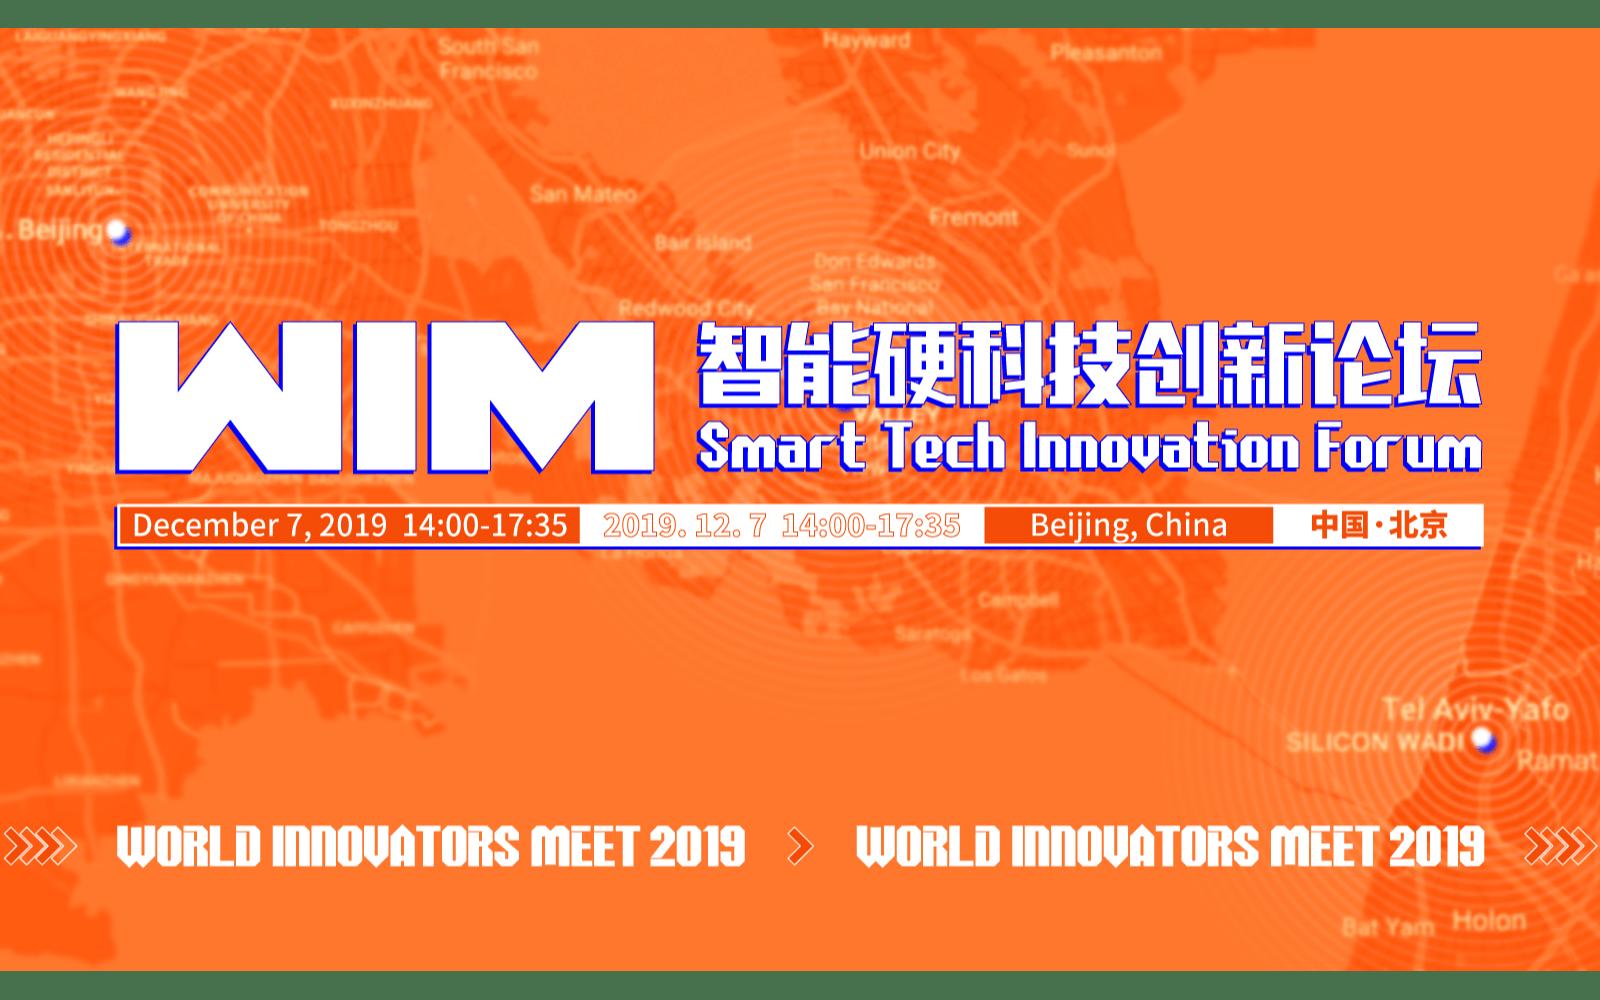 2019世界創新者年會-智能硬科技論壇(北京)